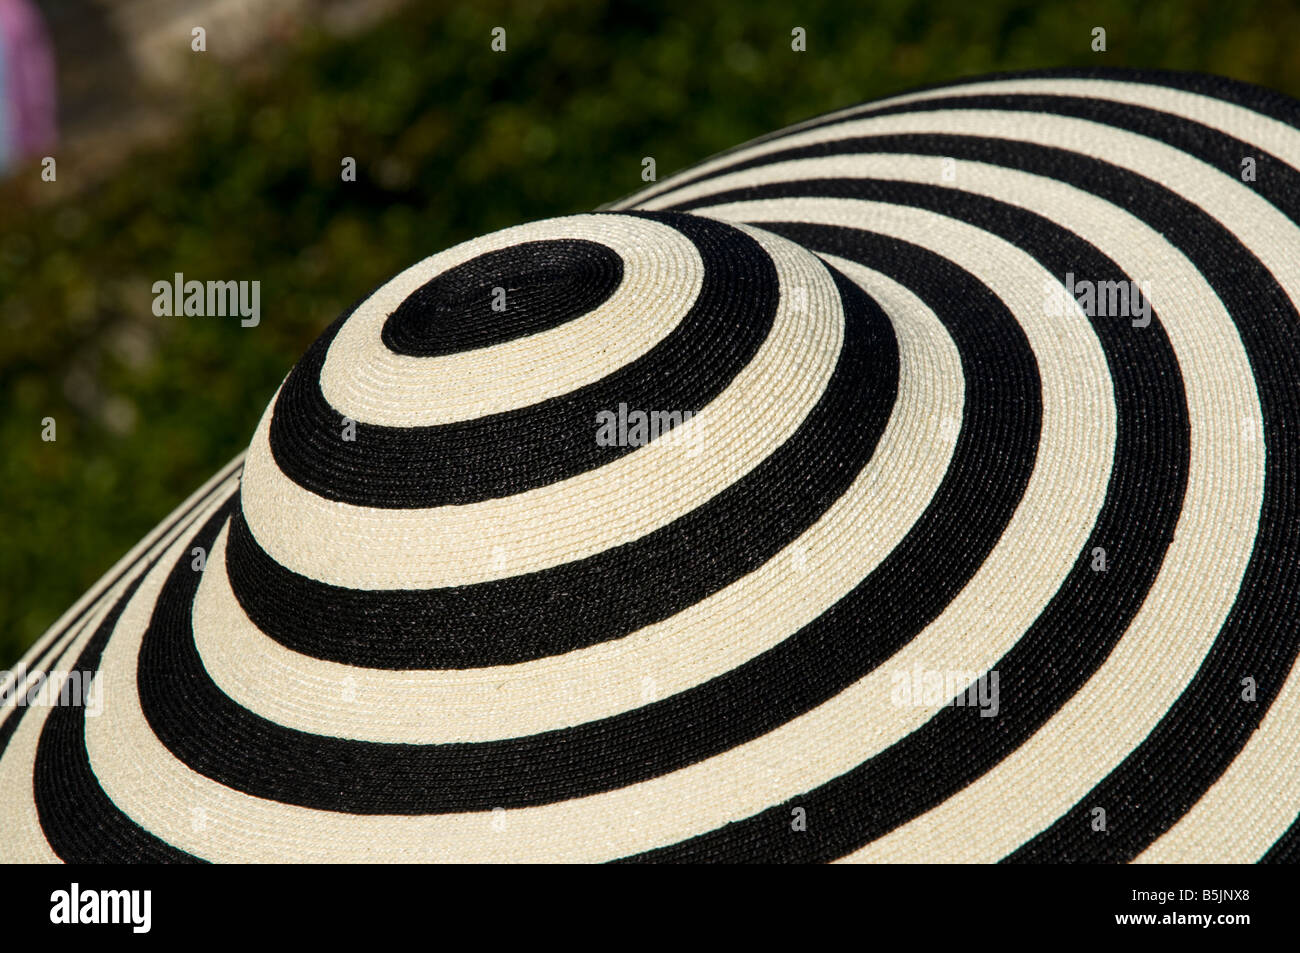 Donna cappello designer presso la società evento, England Regno Unito Immagini Stock